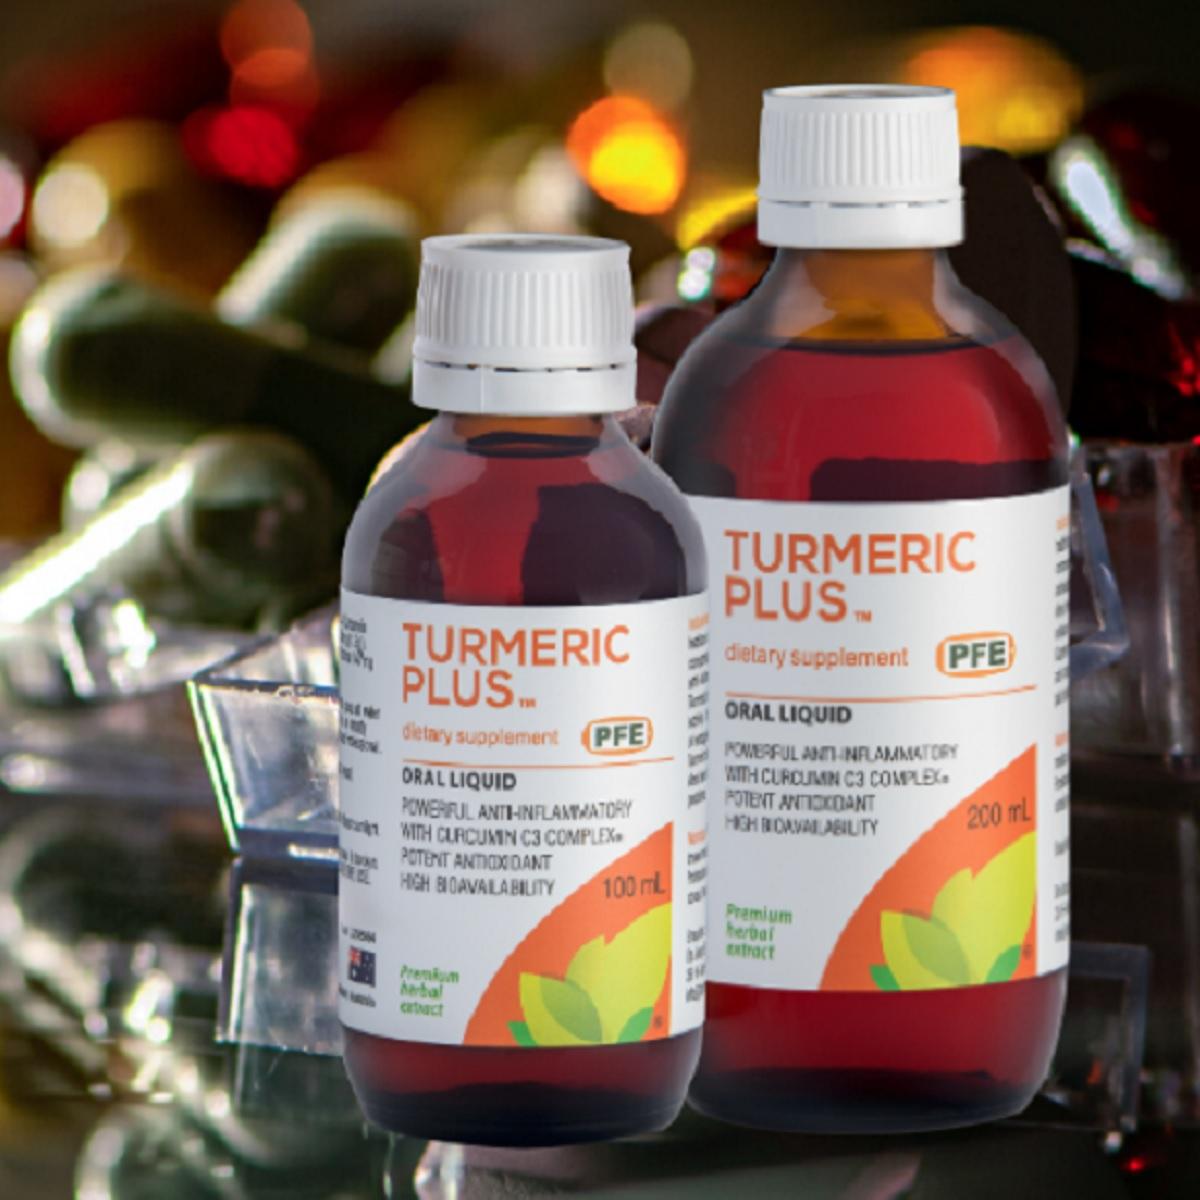 PFE Turmeric Plus Oral Liquid_media-01